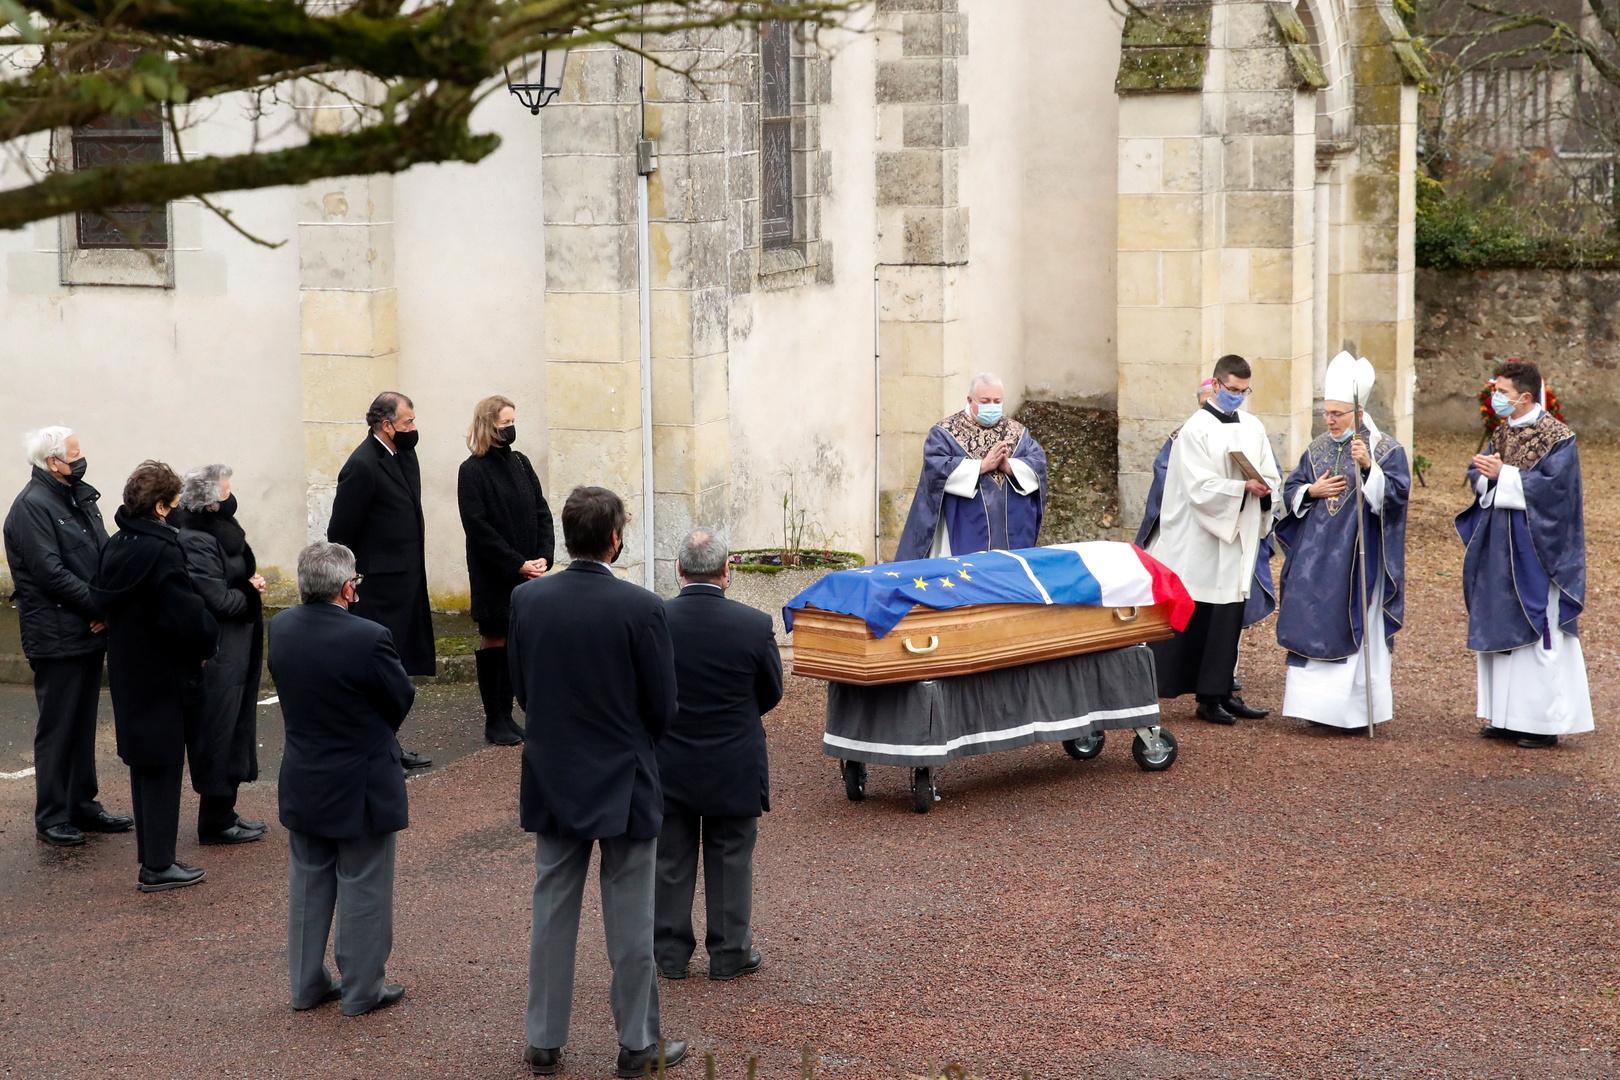 """جثمان الرئيس الفرنسي الأسبق الراحل فاليري جيسكار ديستان أمام باب كنيسة بلدته """"أوتون"""" في وسط فرنسا."""